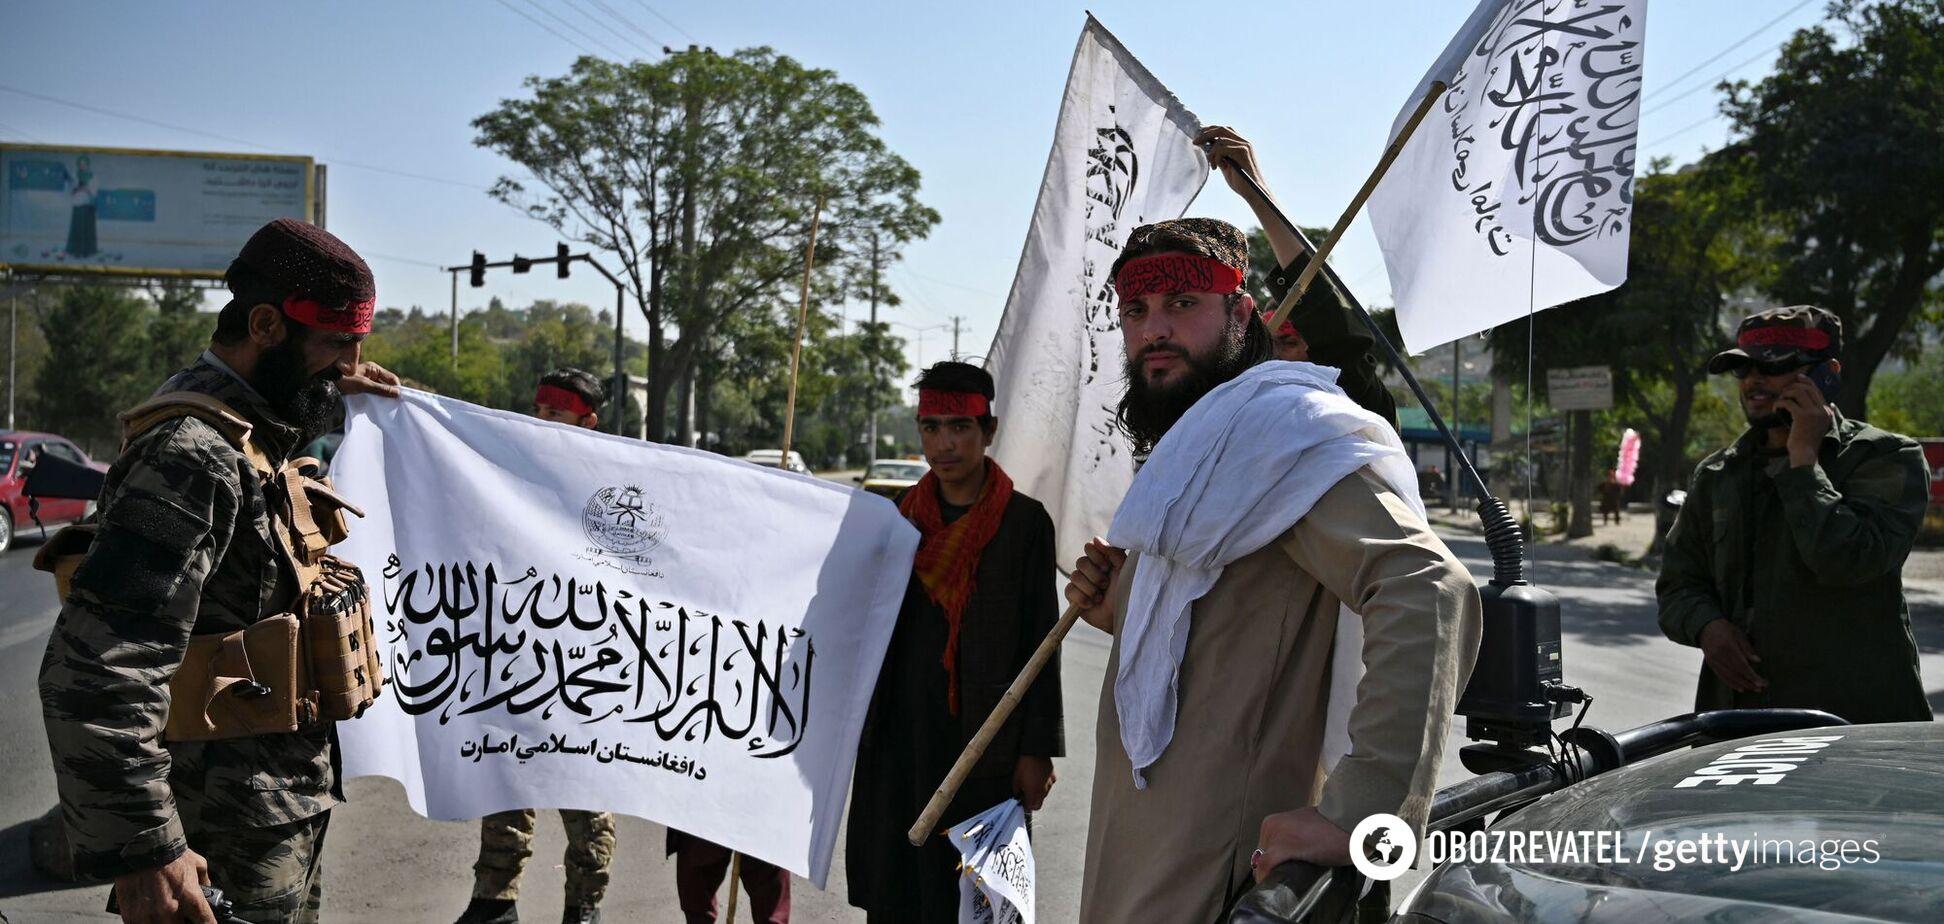 'Талибан' в годовщину теракта 9/11 поднял свой флаг над президентским дворцом в Афганистане